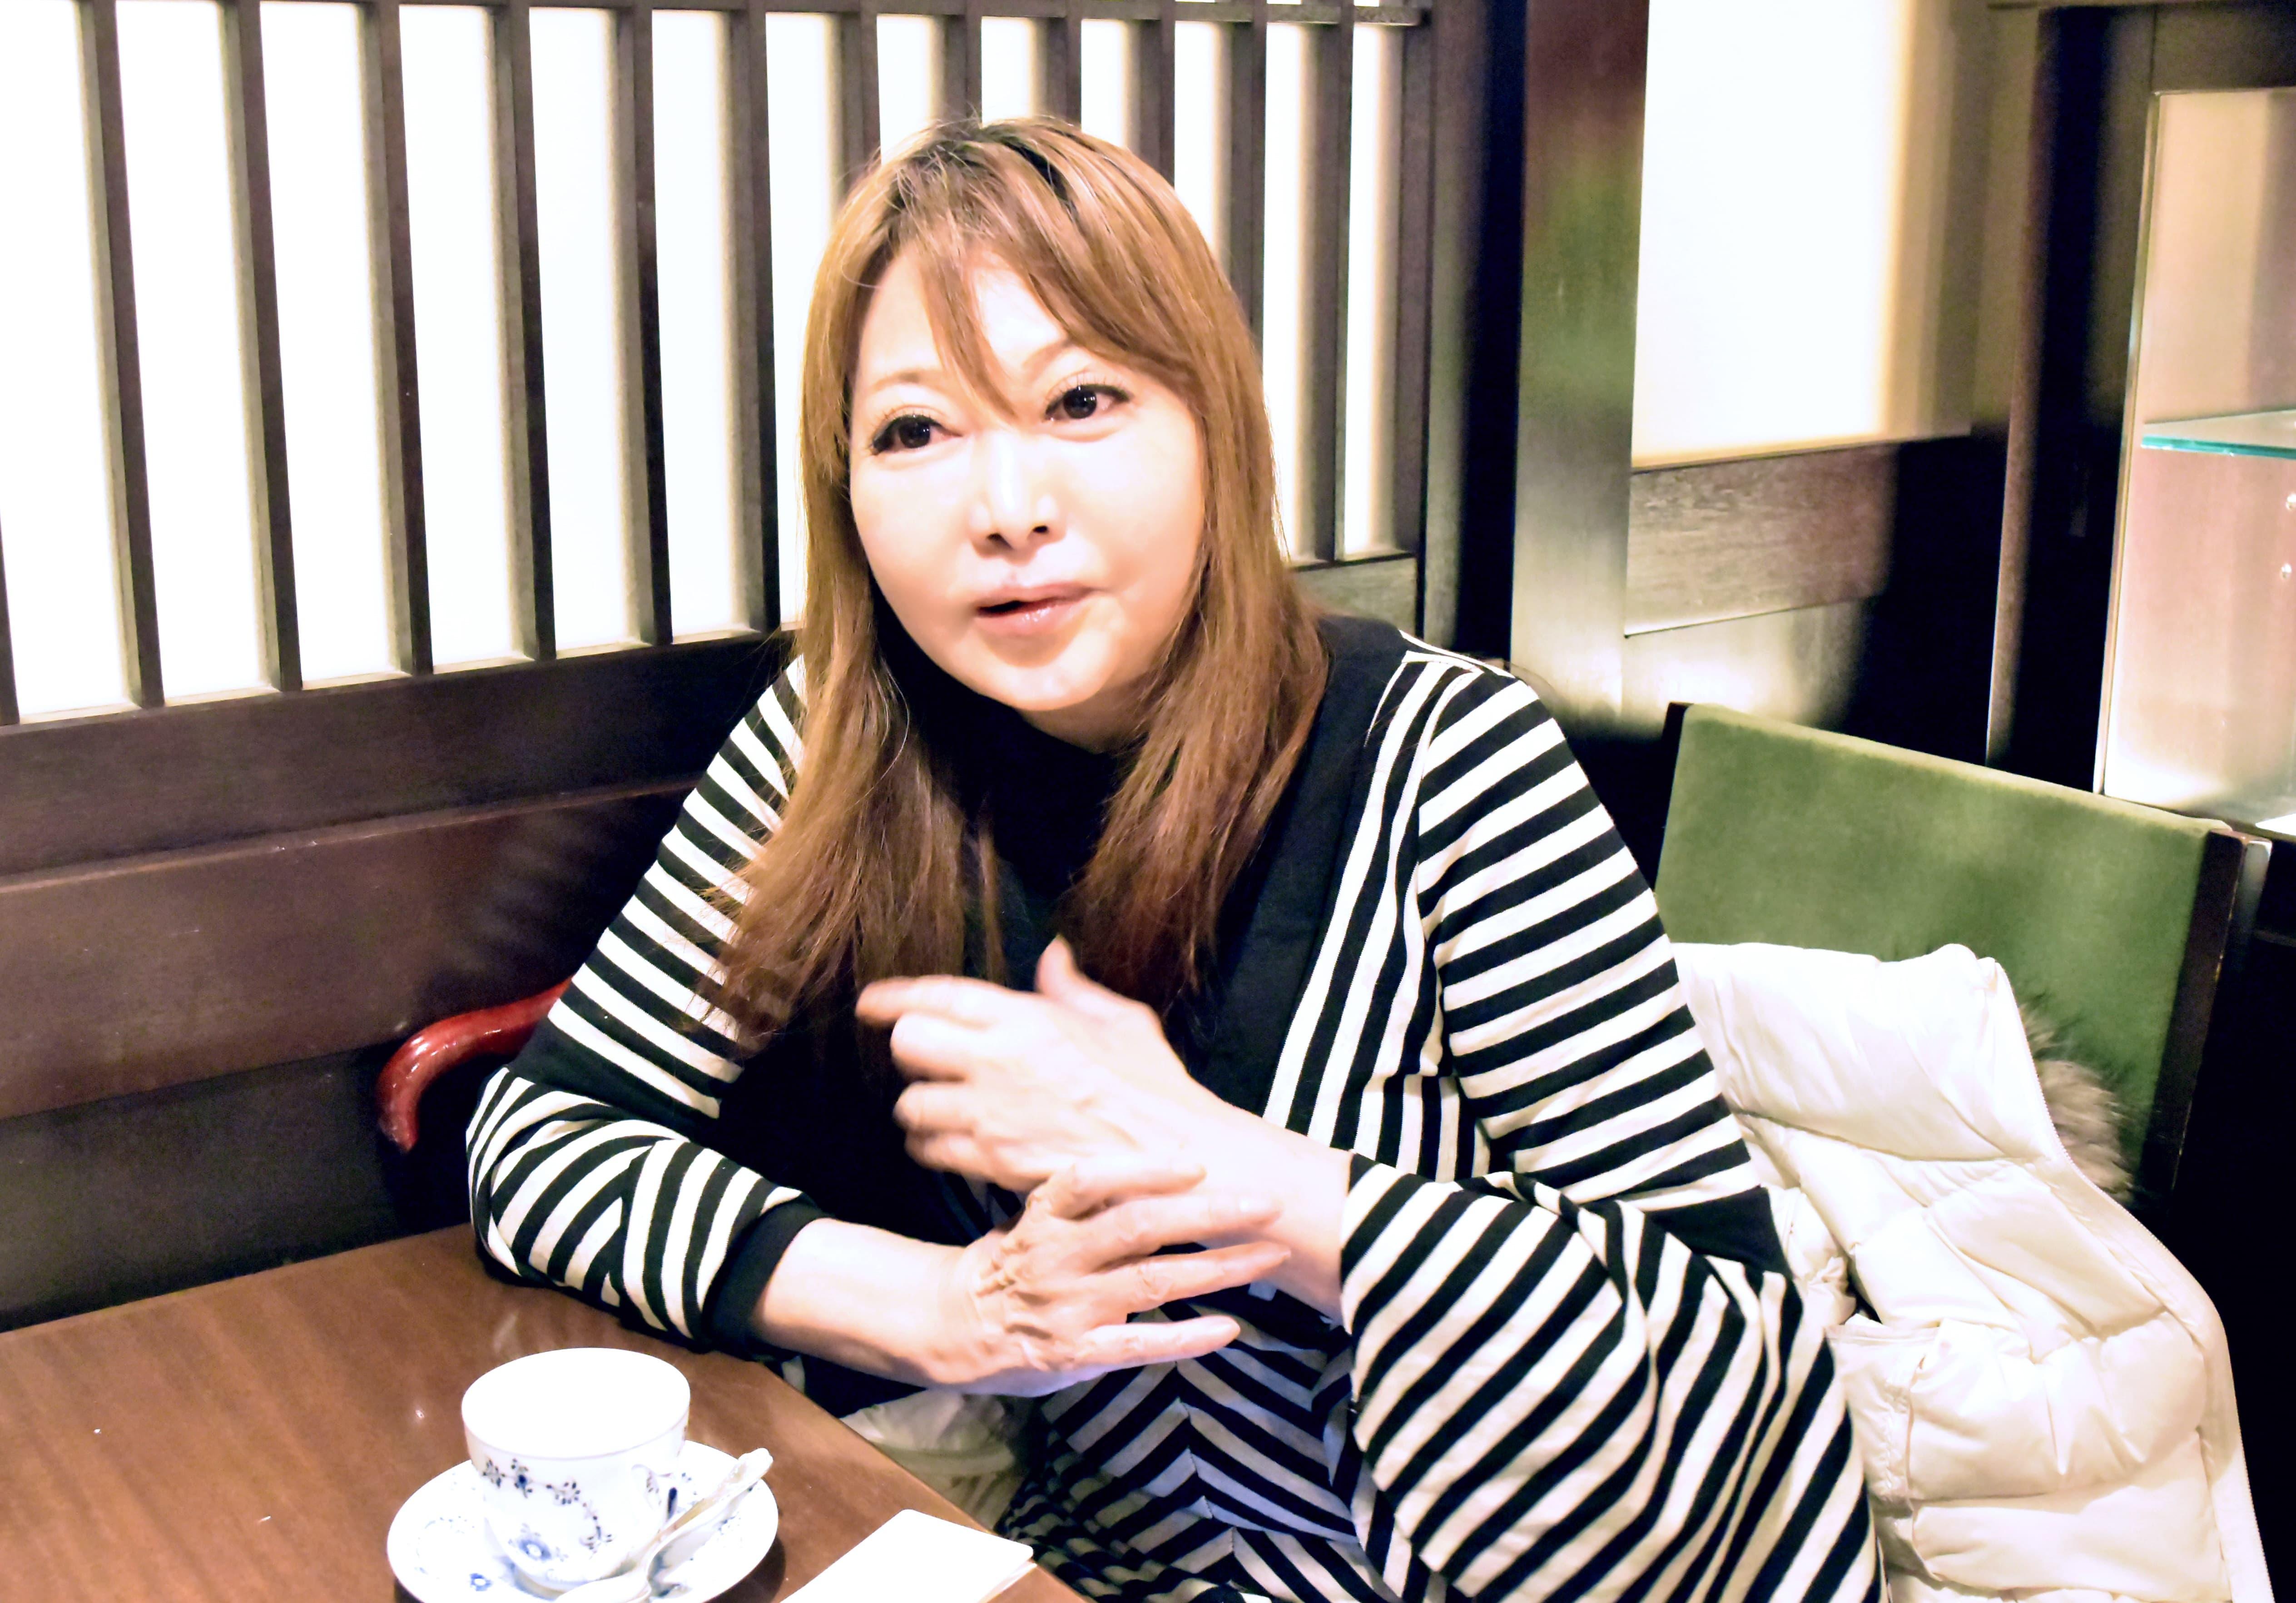 AMのインタビューに答える中村うさぎさんの画像